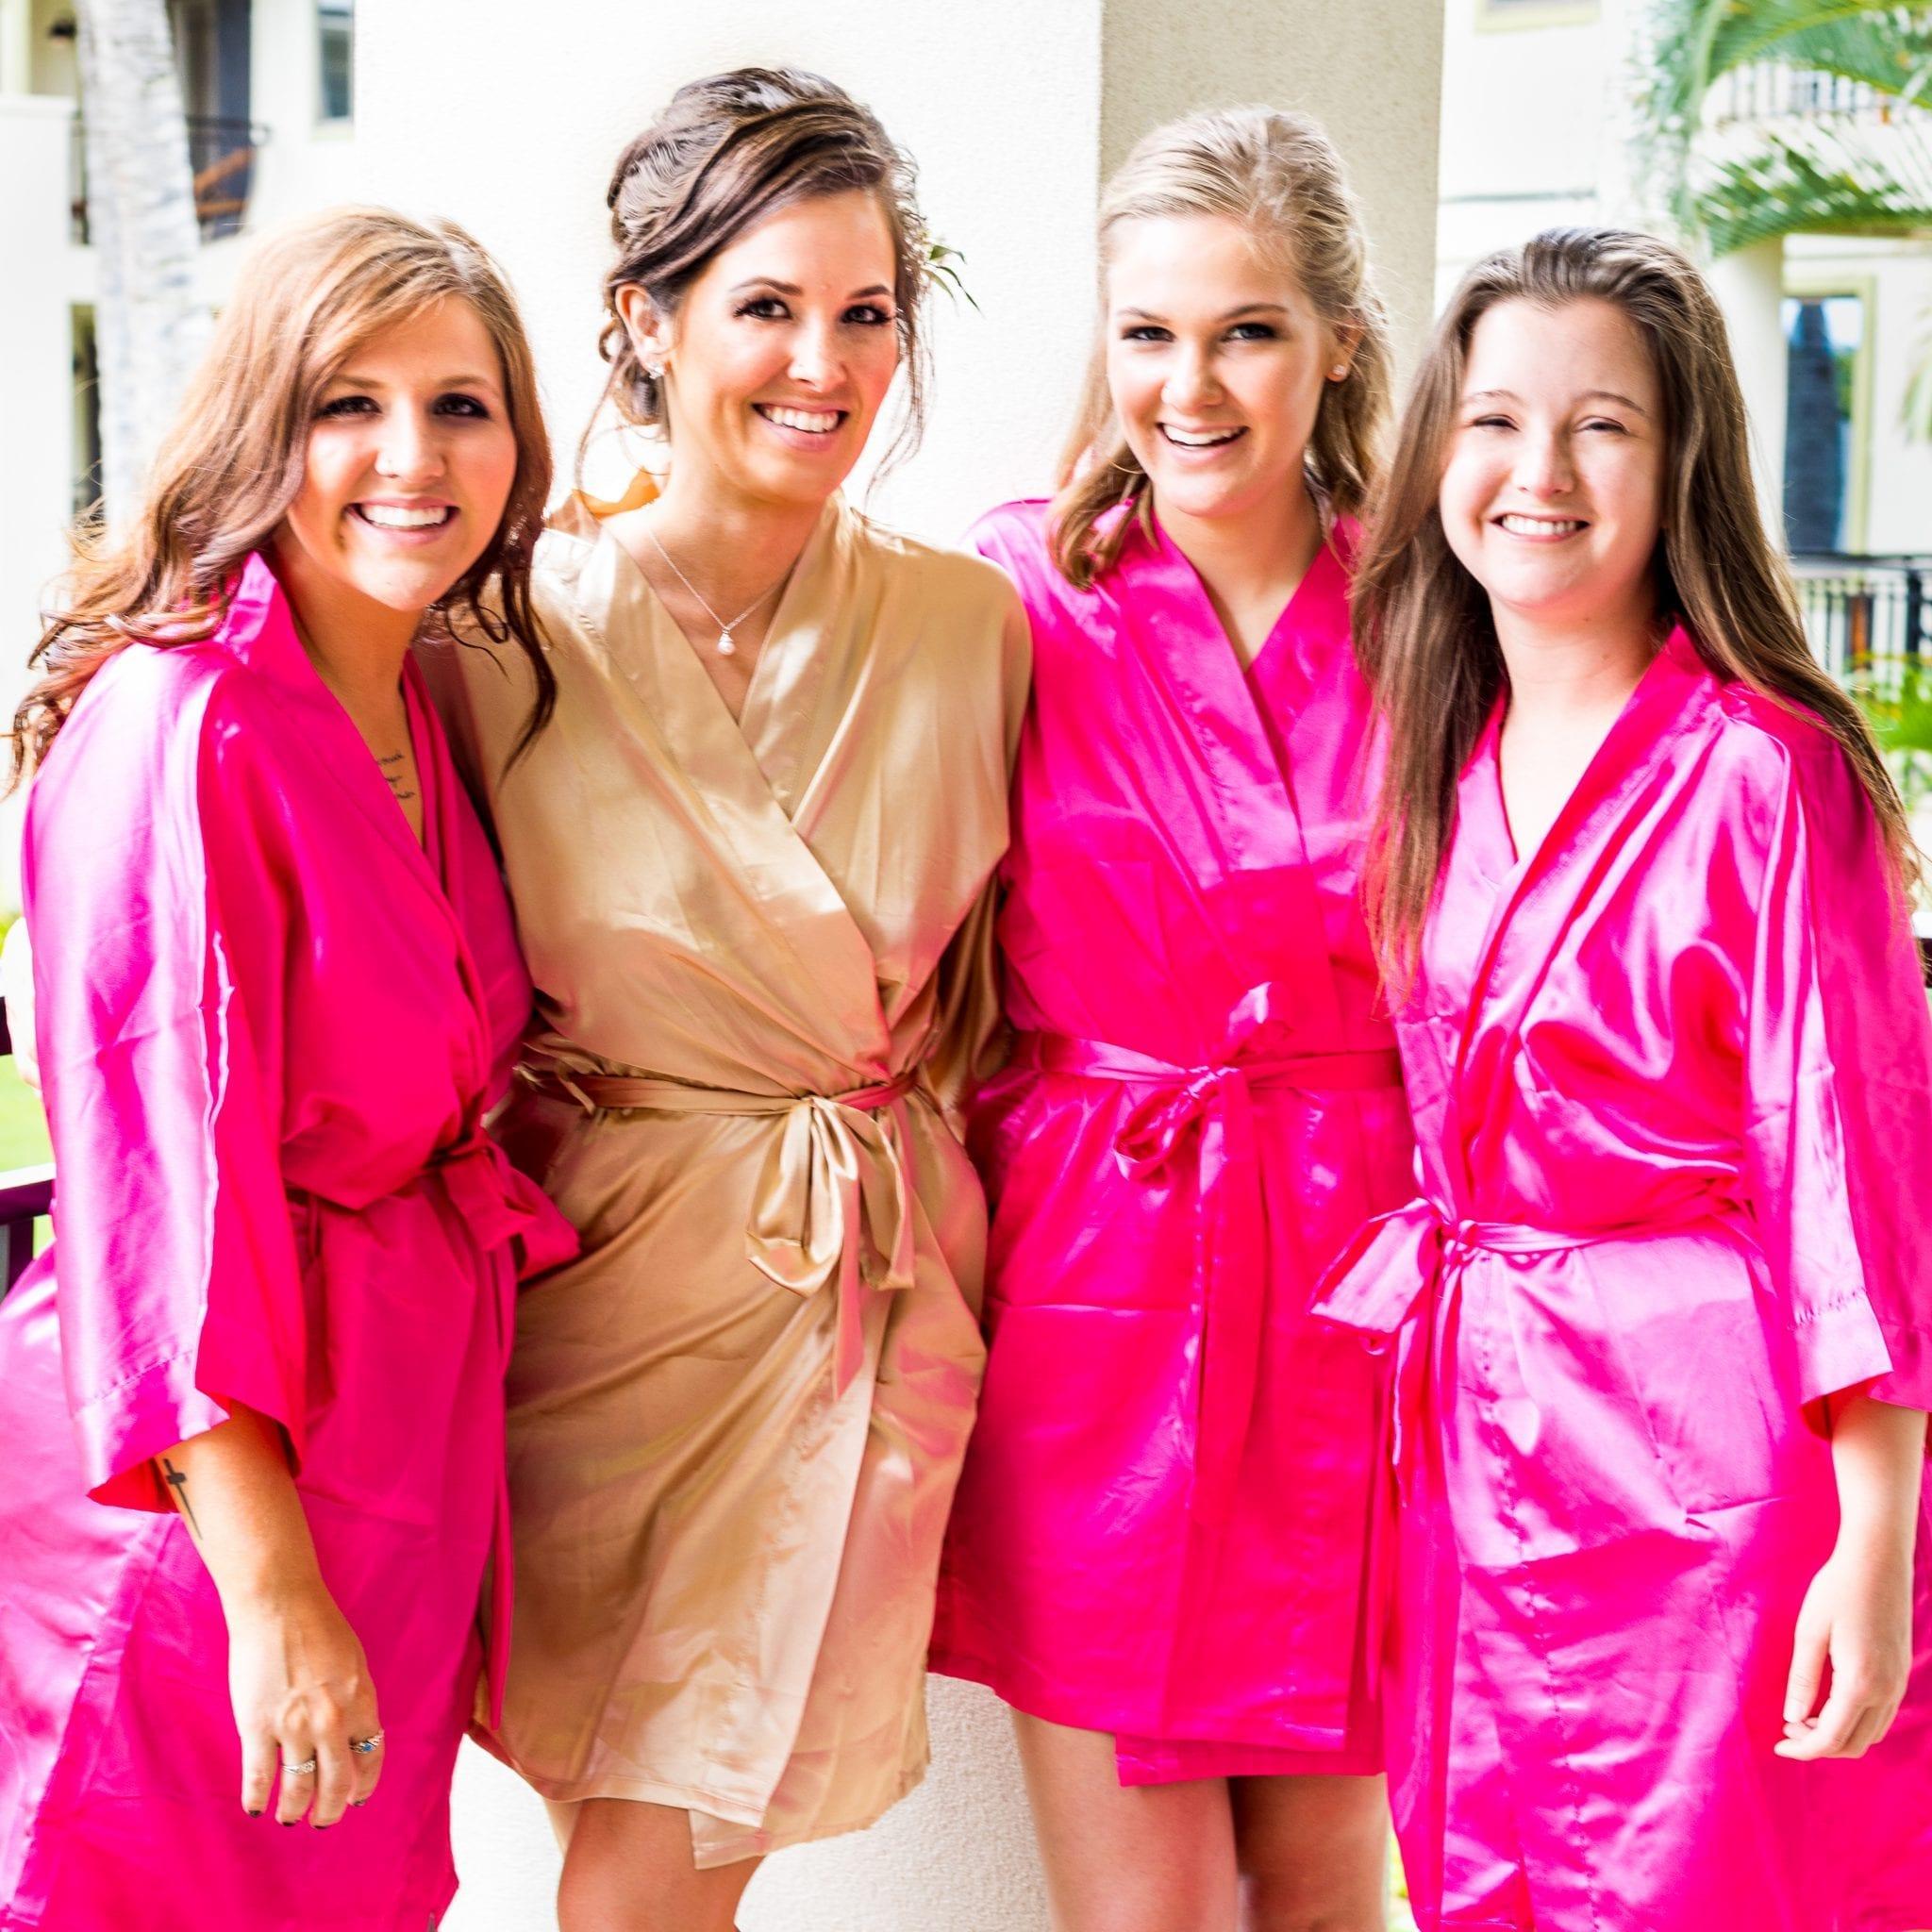 wedding getting ready party | wedding day | bridesmaids party | get ready party for wedding | bridesmaids getting ready